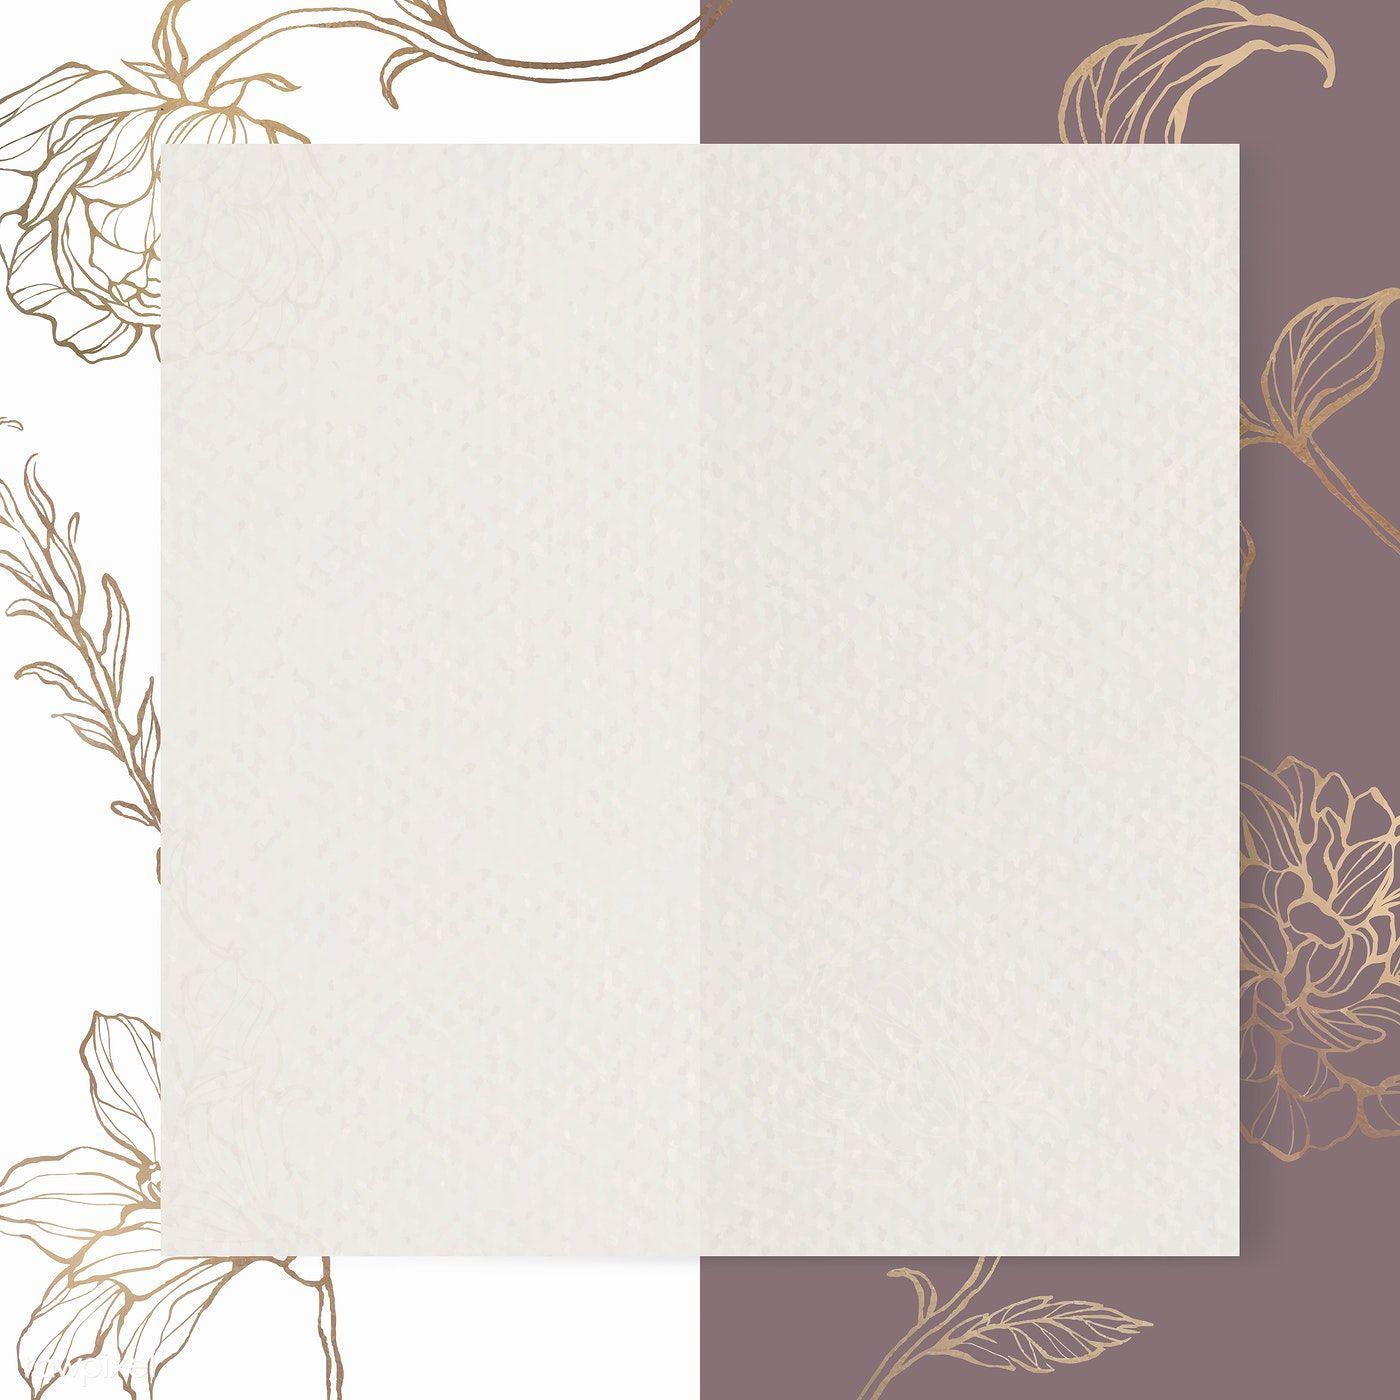 Download Premium Vector Of Rectangle Paper On Floral Outline Background In 2020 Floral Border Design Instagram Frame Template Flower Background Wallpaper